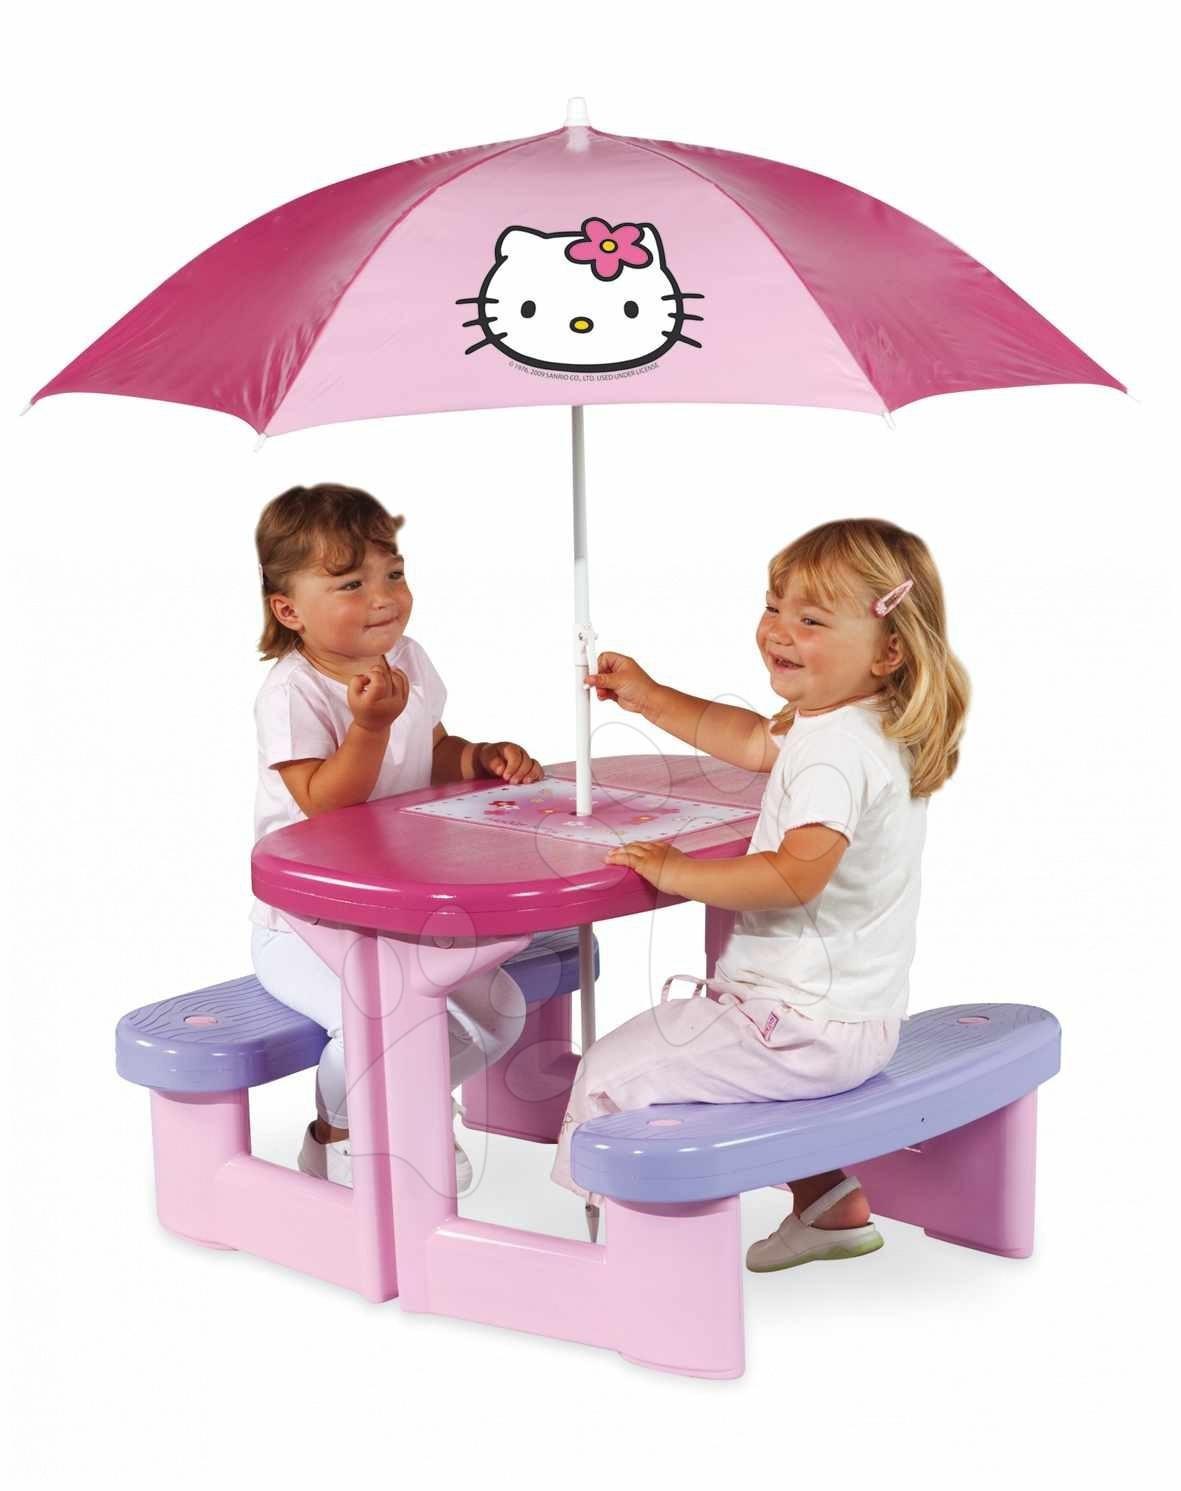 Otroško vrtno pohištvo - Smoby 310164 TABLE PIC-NIC + PARASOL Piknikový stolík so slnečníkom Hello Kitty, s UV FILTROM, 74*85*47 cm od 24 mes